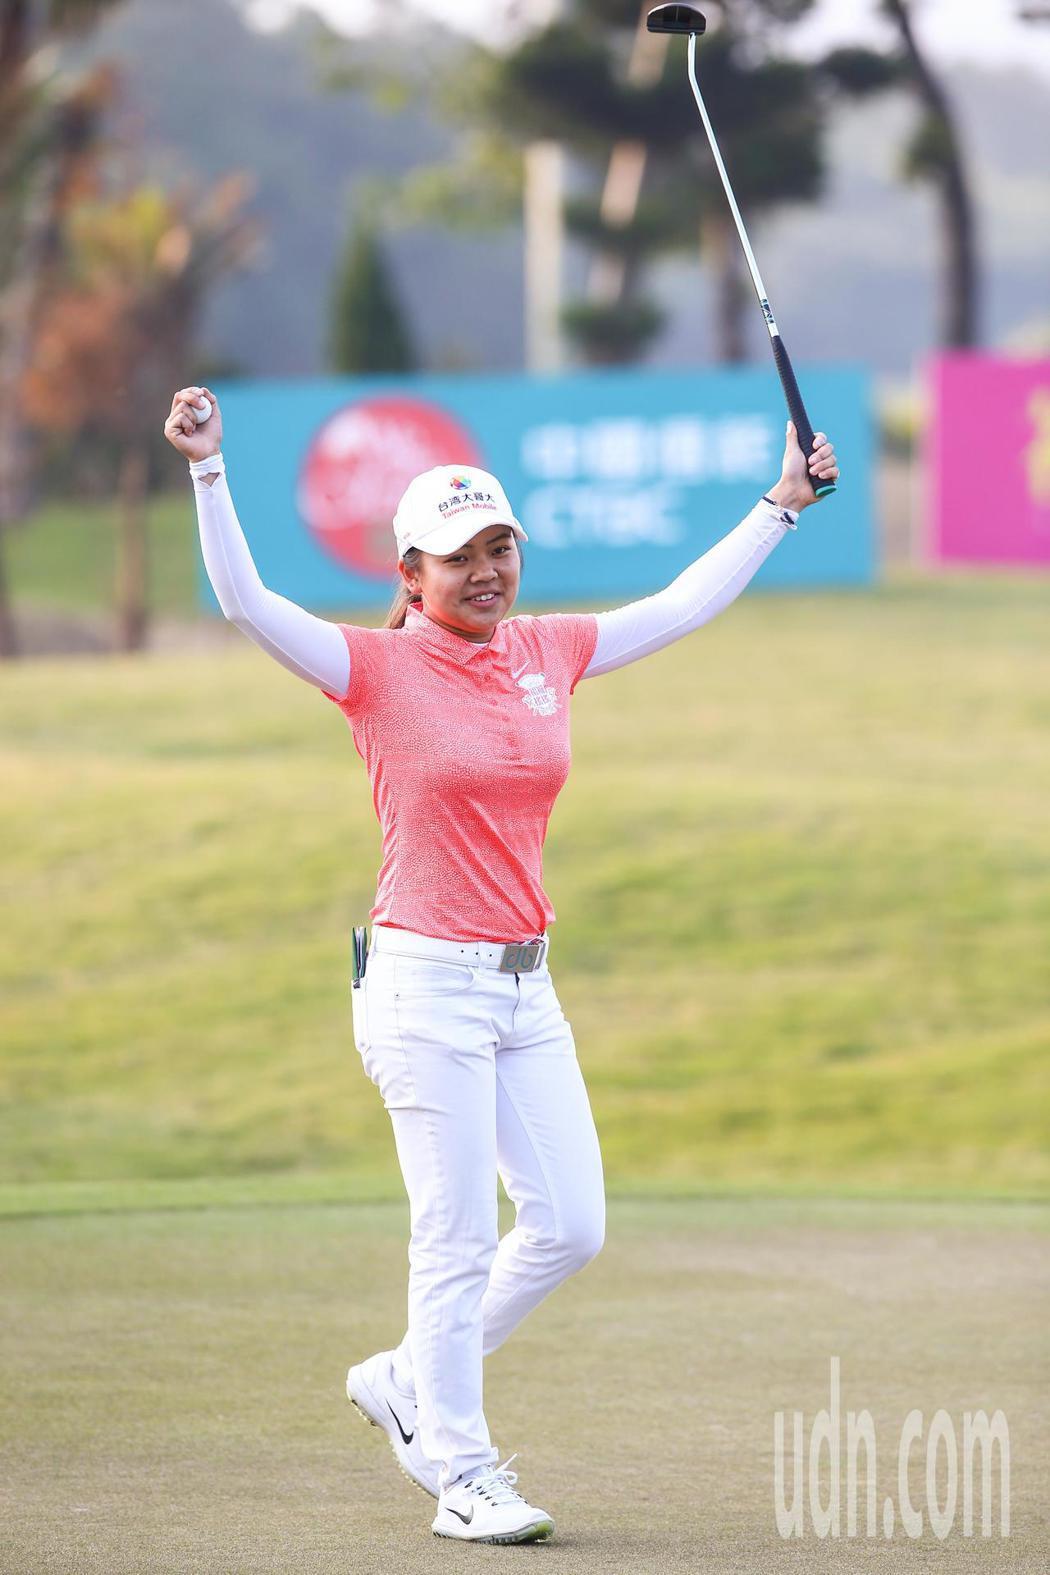 2017中國信託女子高爾夫球公開賽,我國好手徐薇凌以一桿之差險勝,奪下個人在台灣...